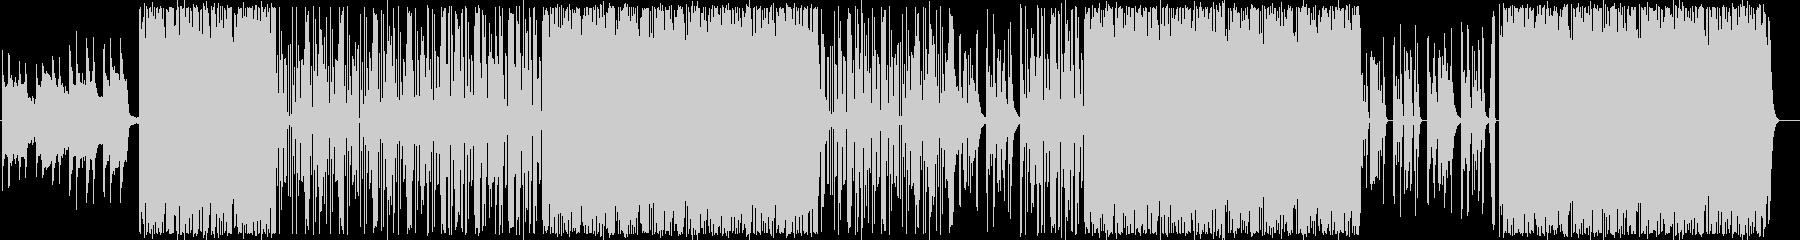 ピアノ/ブラス/大人/クランク808#1の未再生の波形